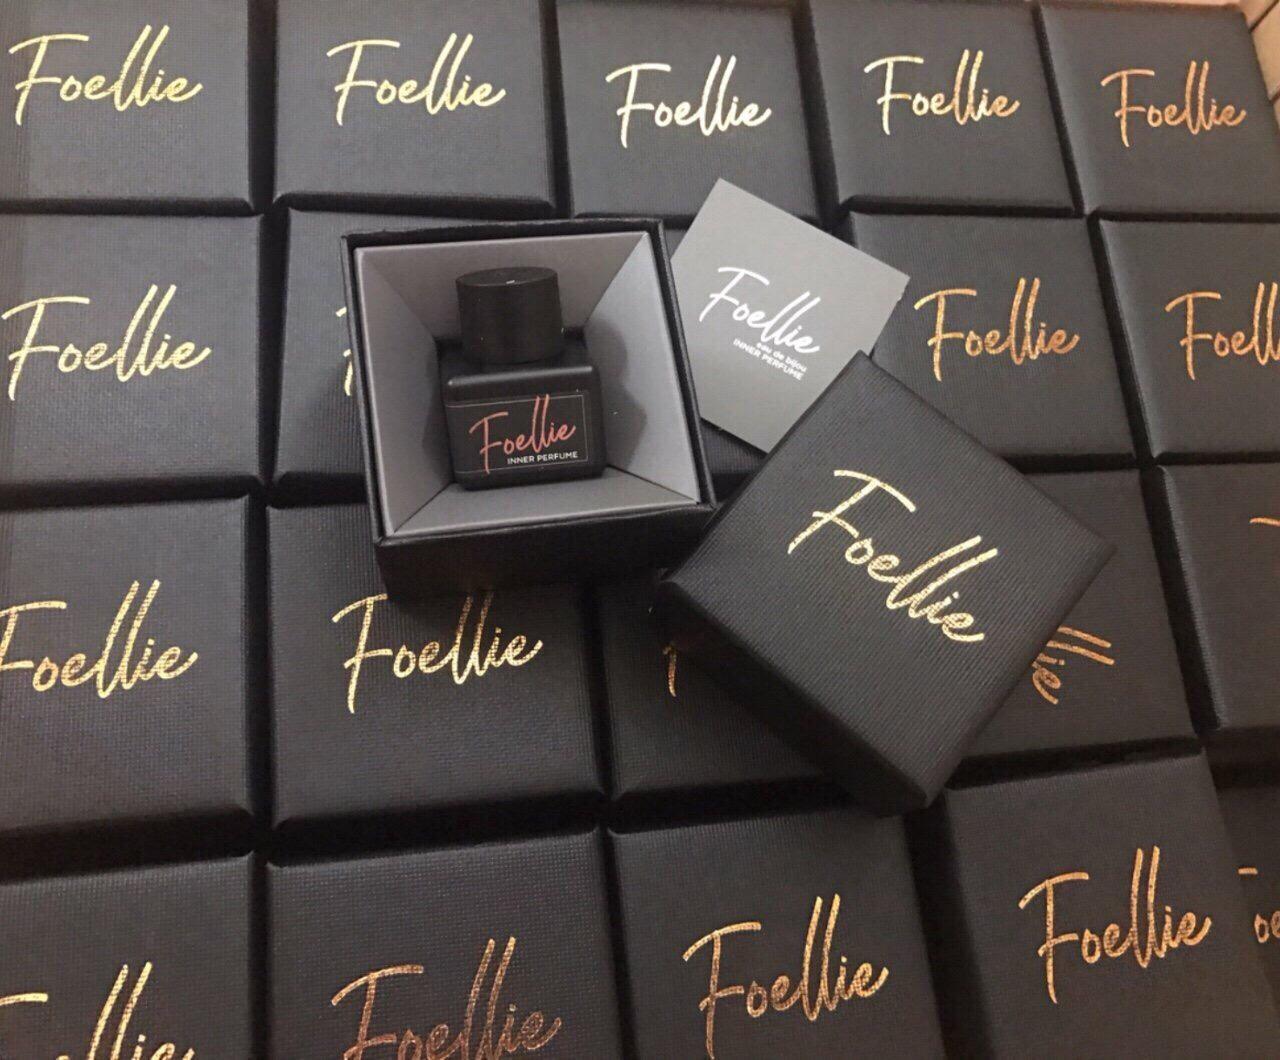 Review Nước Hoa Vùng Kín Foellie Innerb Perfume có tốt không】